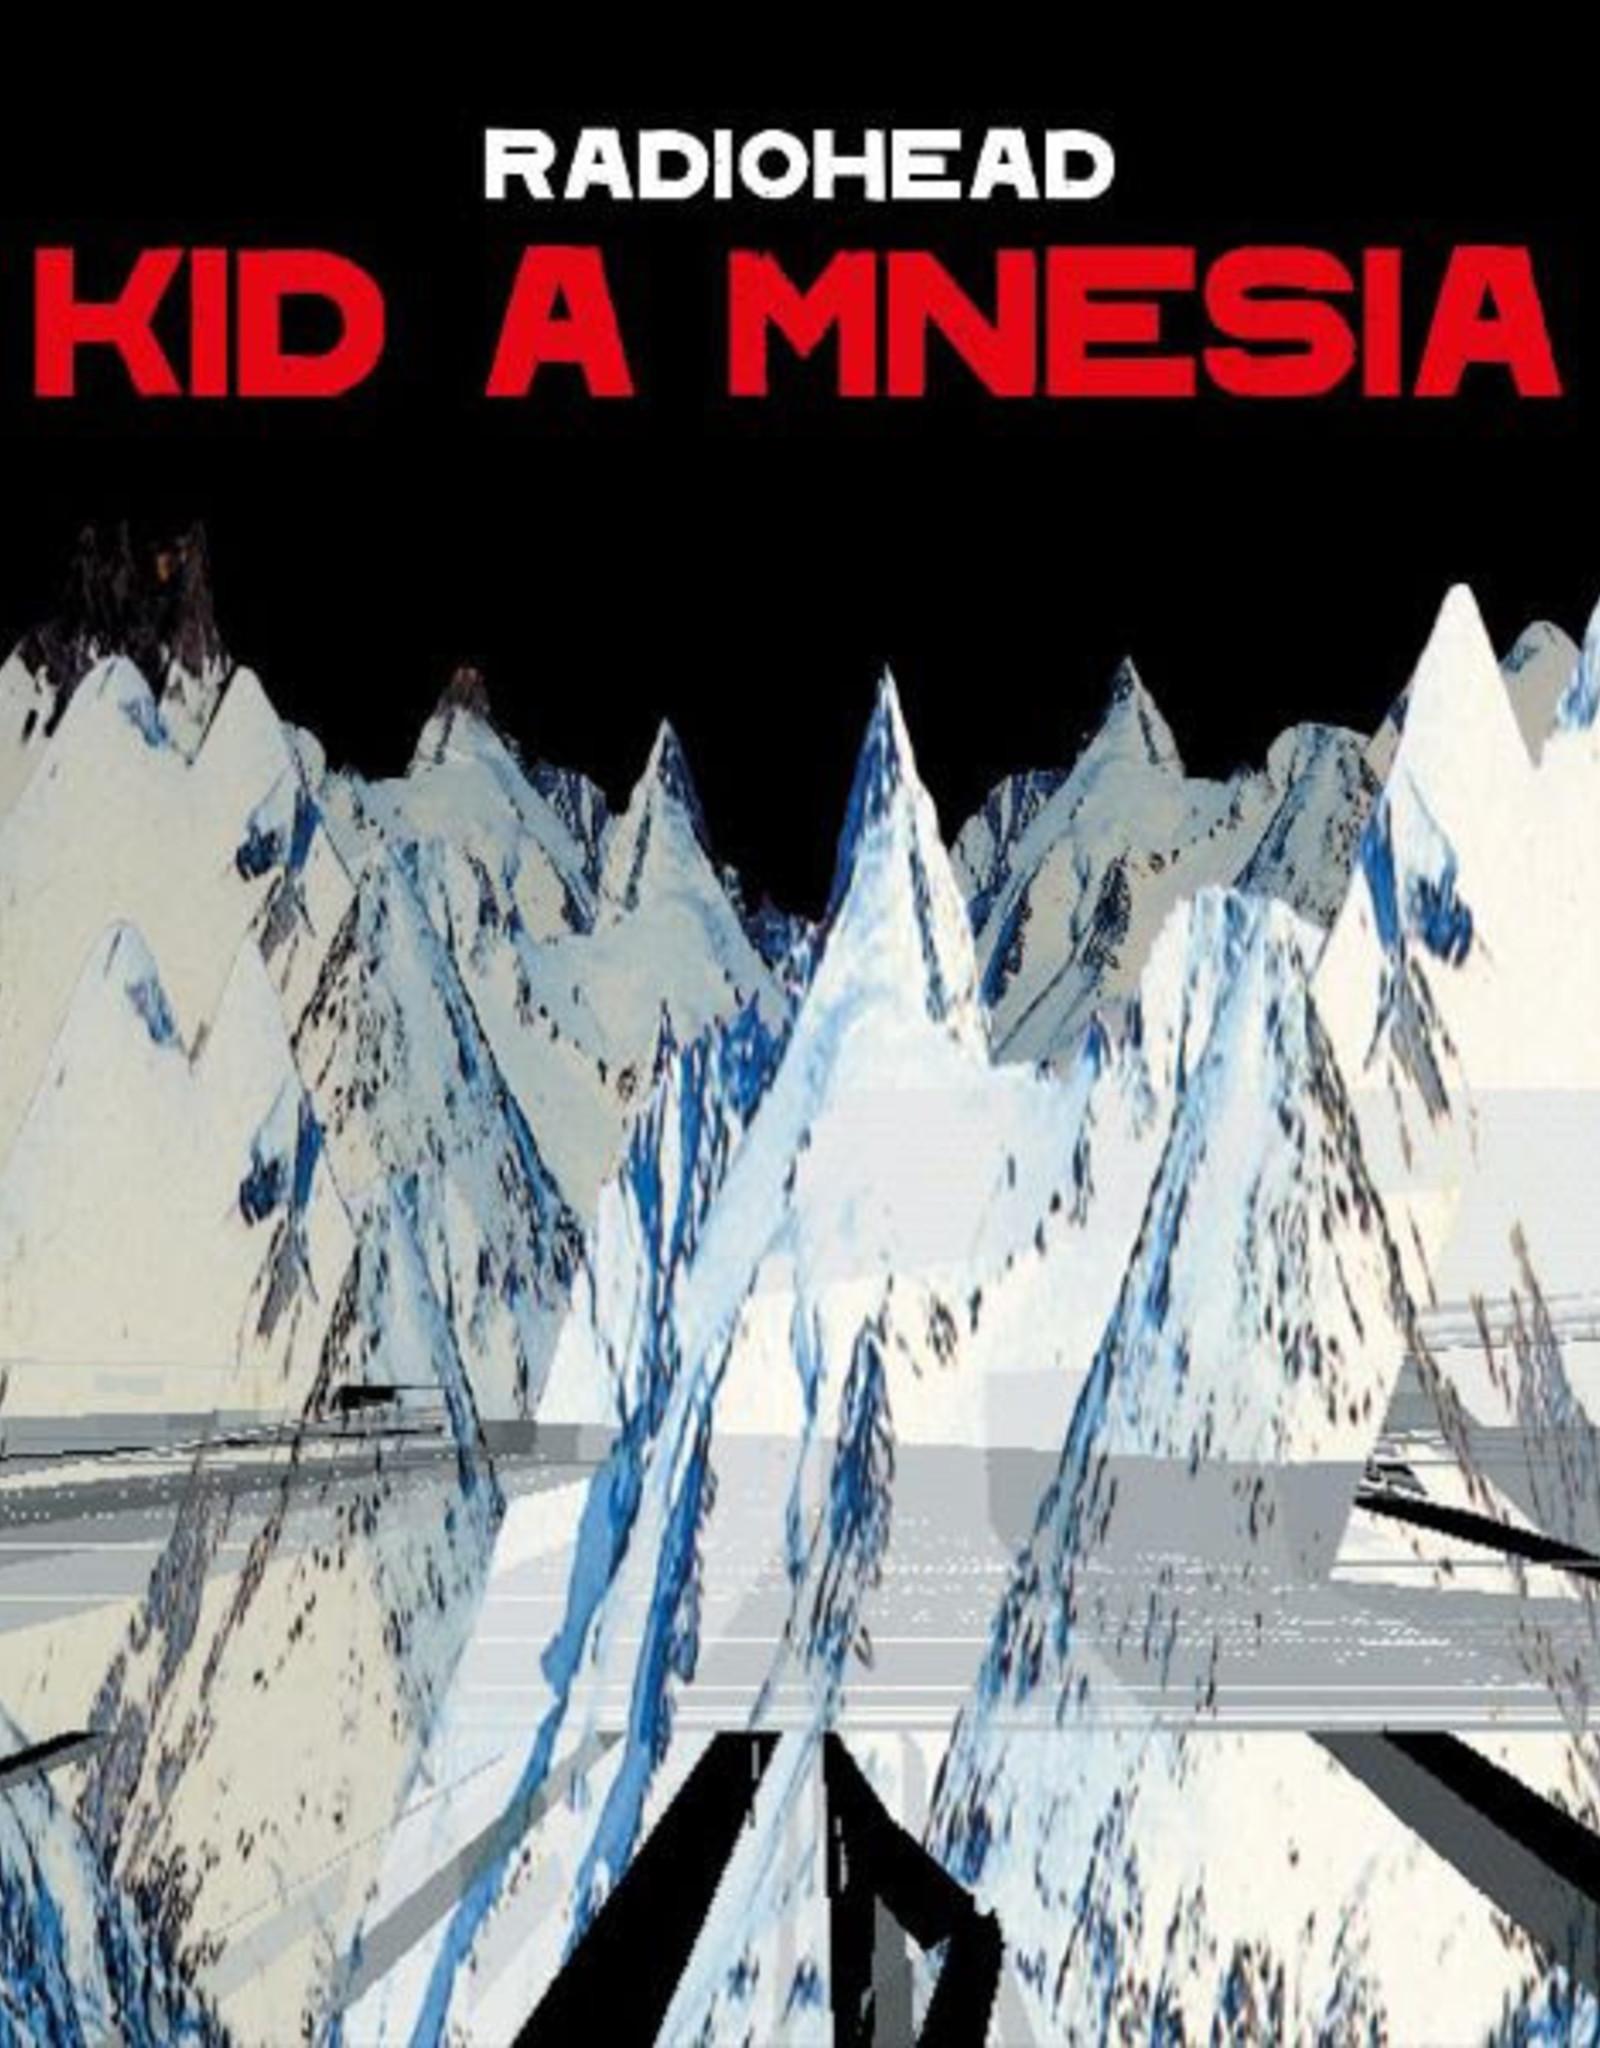 PREORDER DROPS 11/5 - Radiohead - KID A MNESIA 3xLP black vinyl